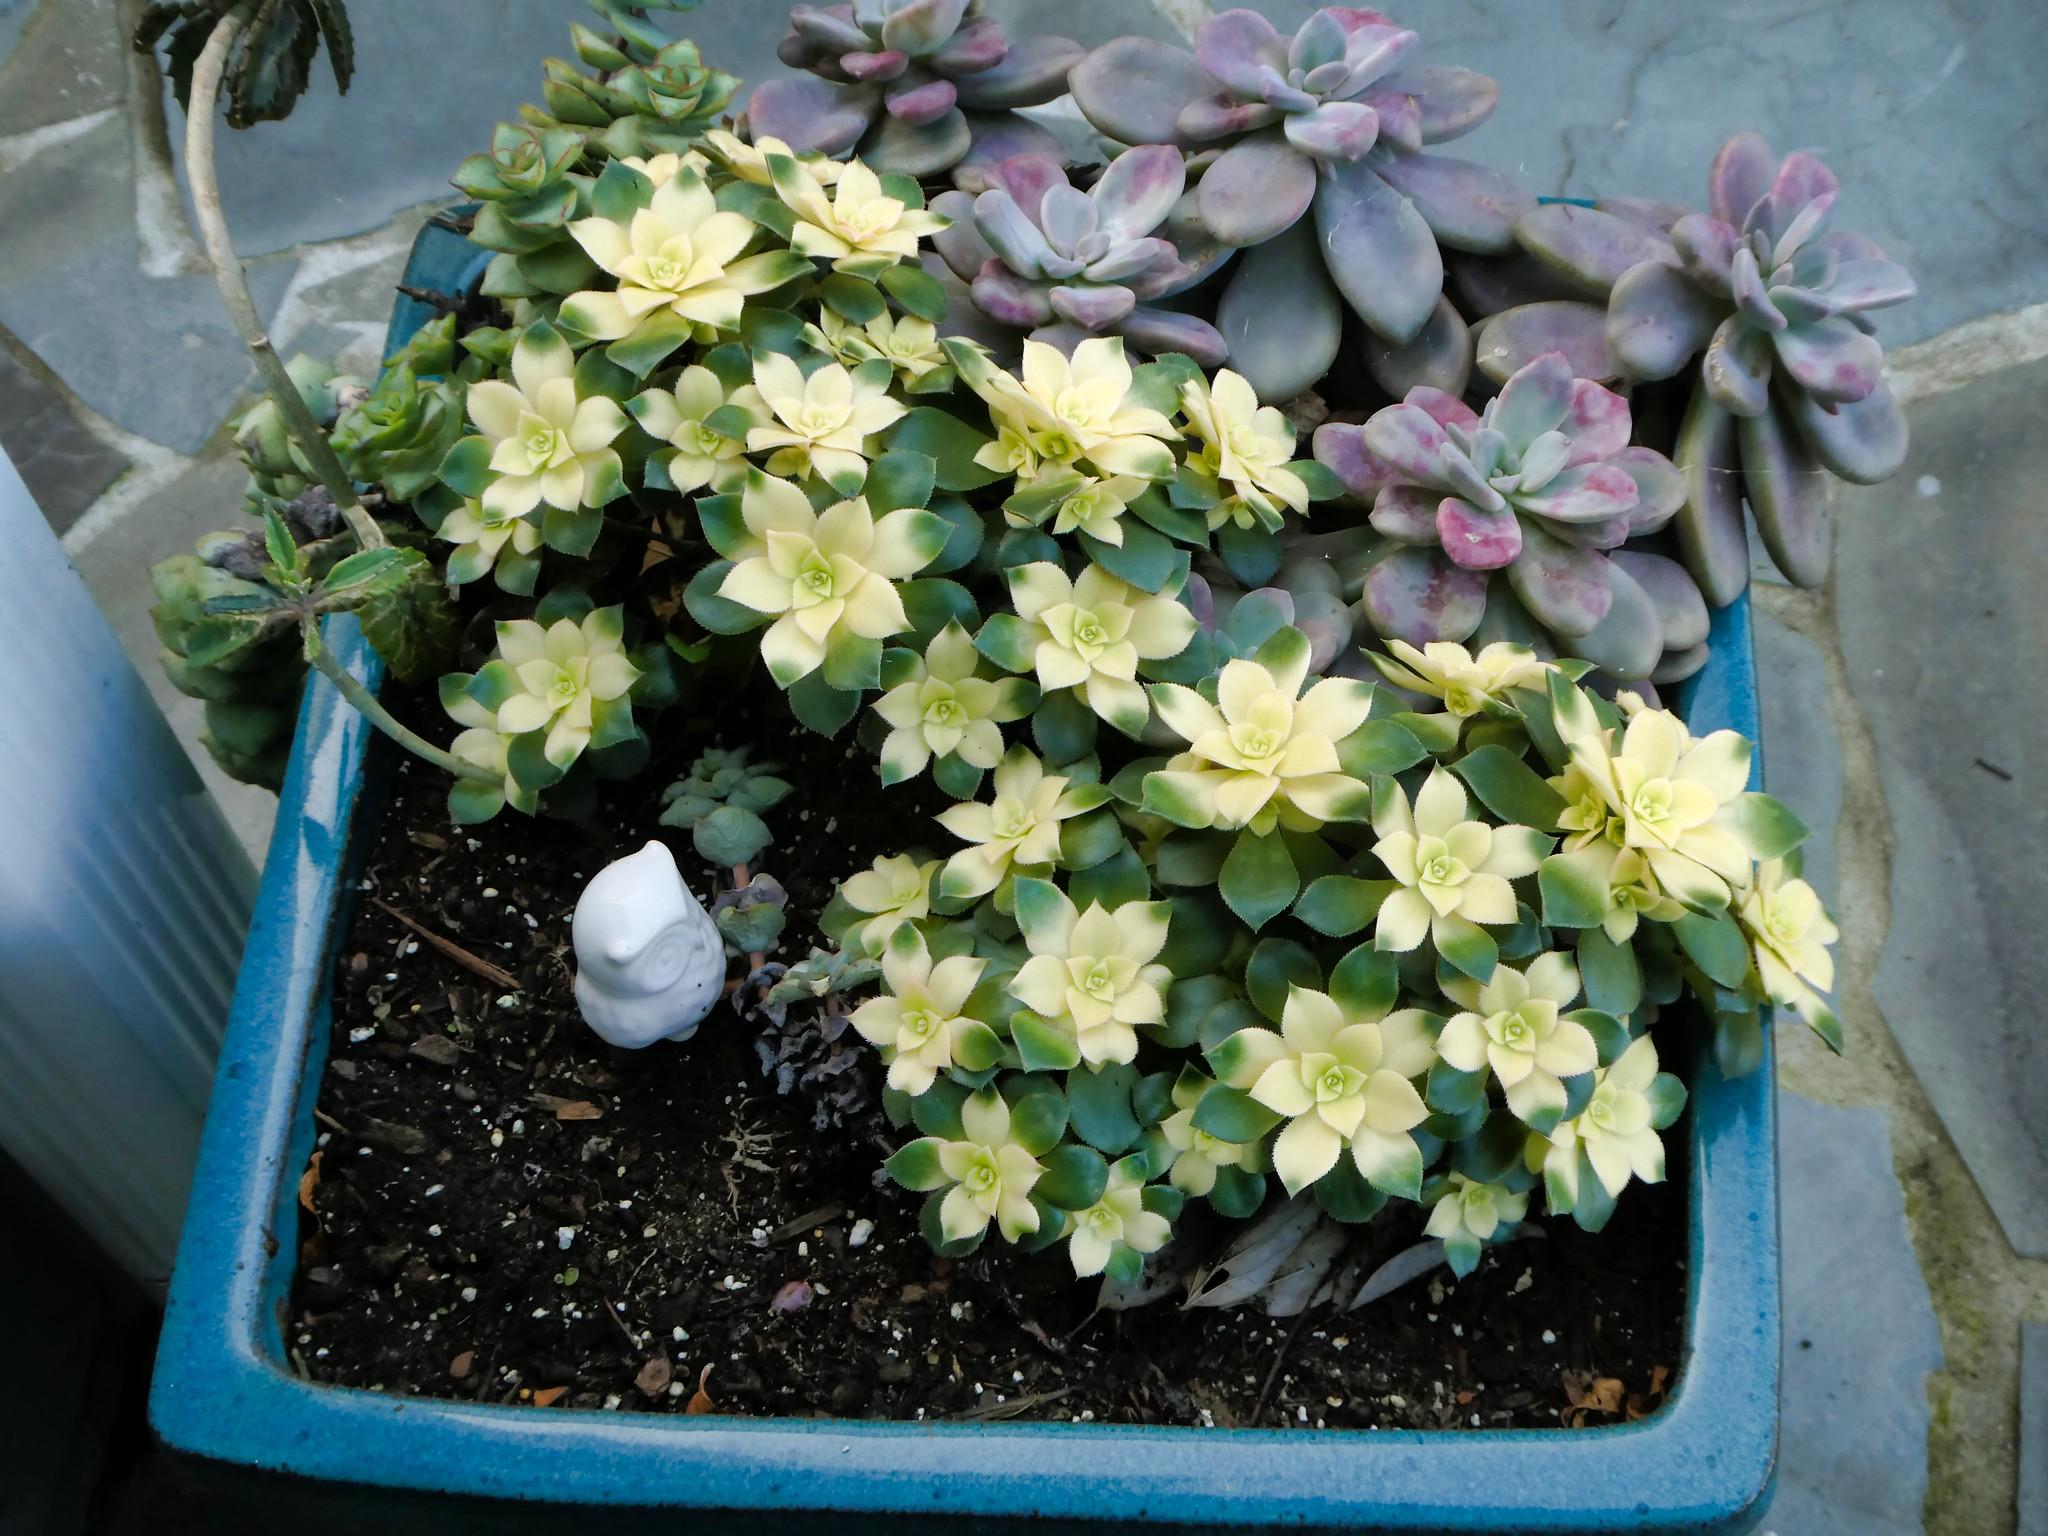 2020-02-27 Cacti in Bloom (4/8)